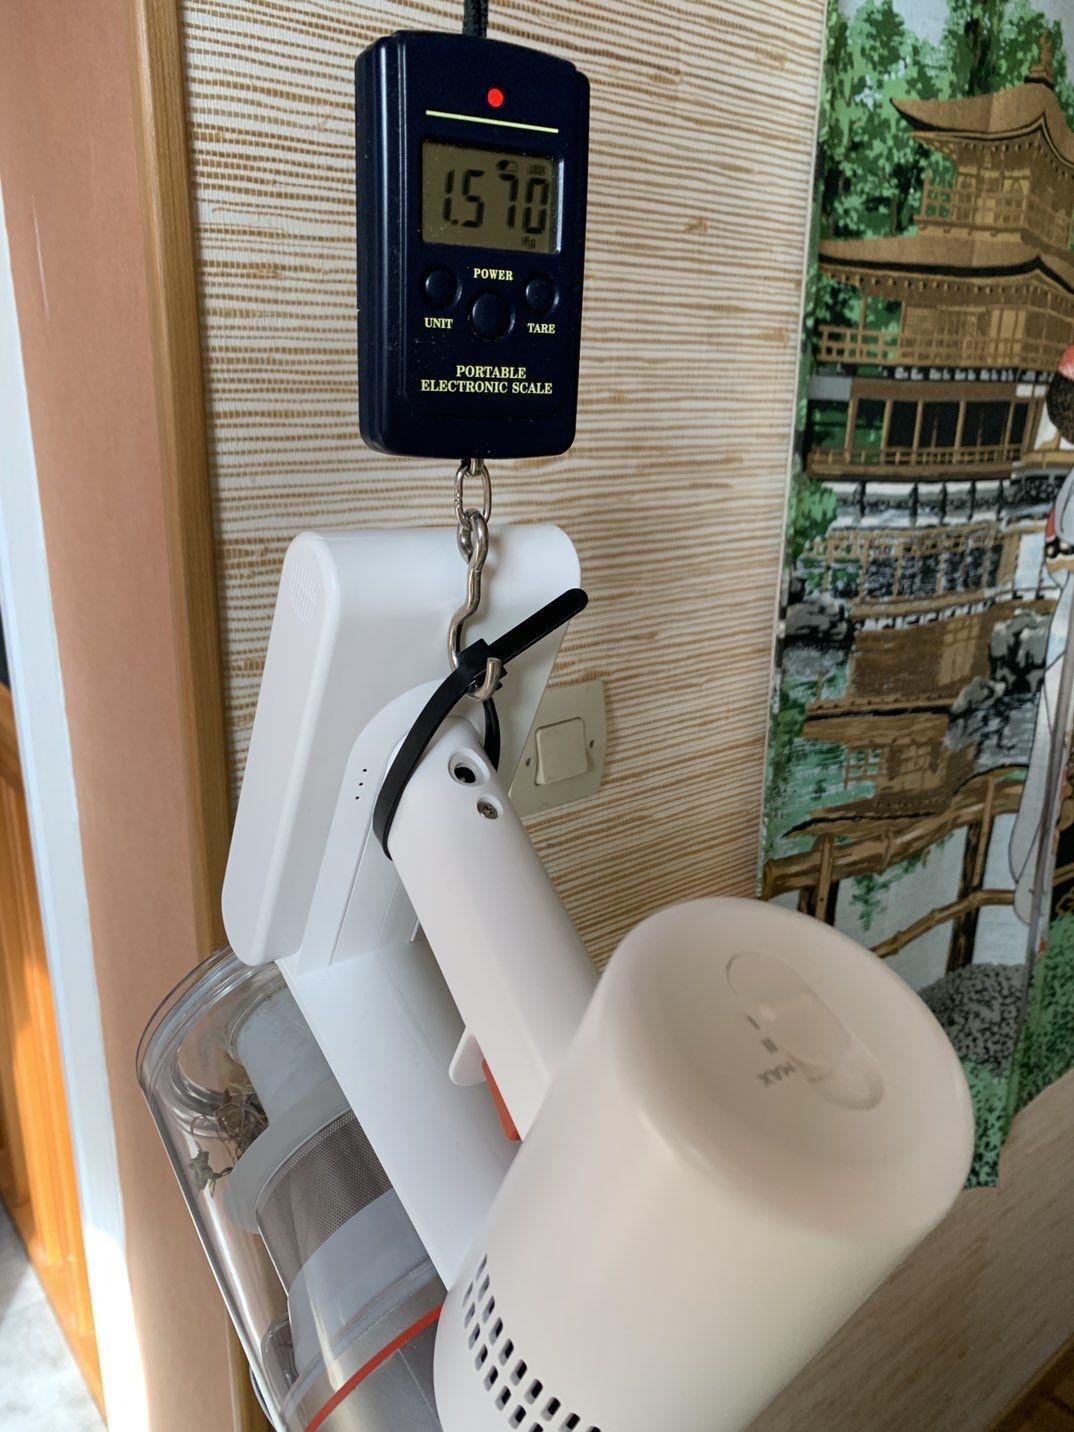 Le poids de l'aspirateur seul et du tube avec brosse : on a bien environ 1.5 kg et 1 kg de plus avec la brosse sur le tube